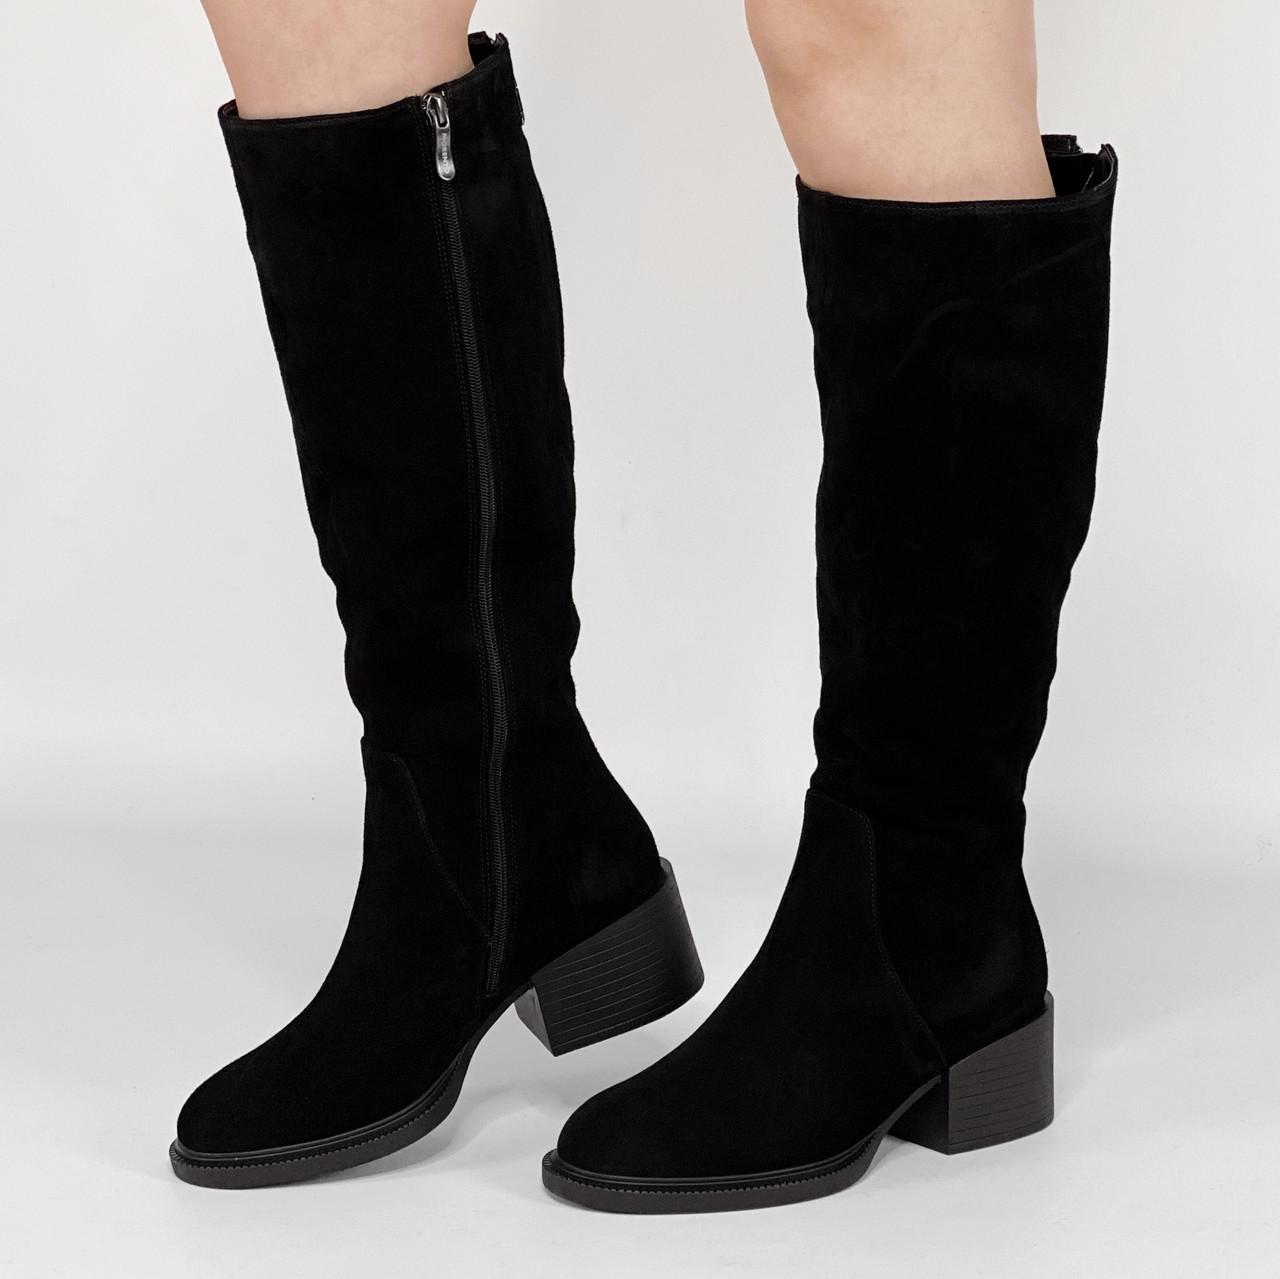 Сапоги женские замшевые черные на широкую голень на устойчивом каблуке MORENTO зимние